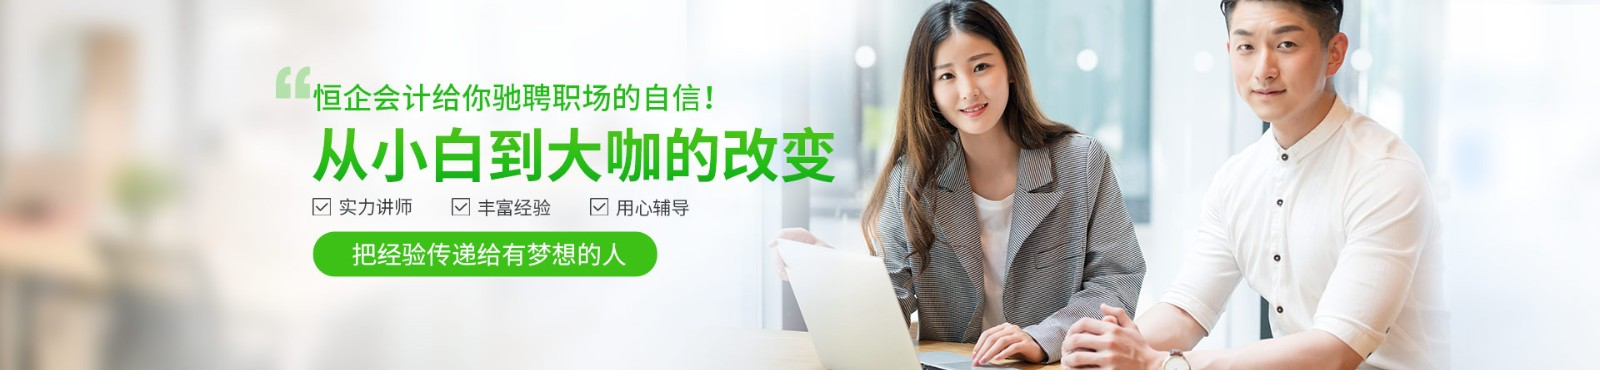 吉安恒企会计betway体育app学校 横幅广告